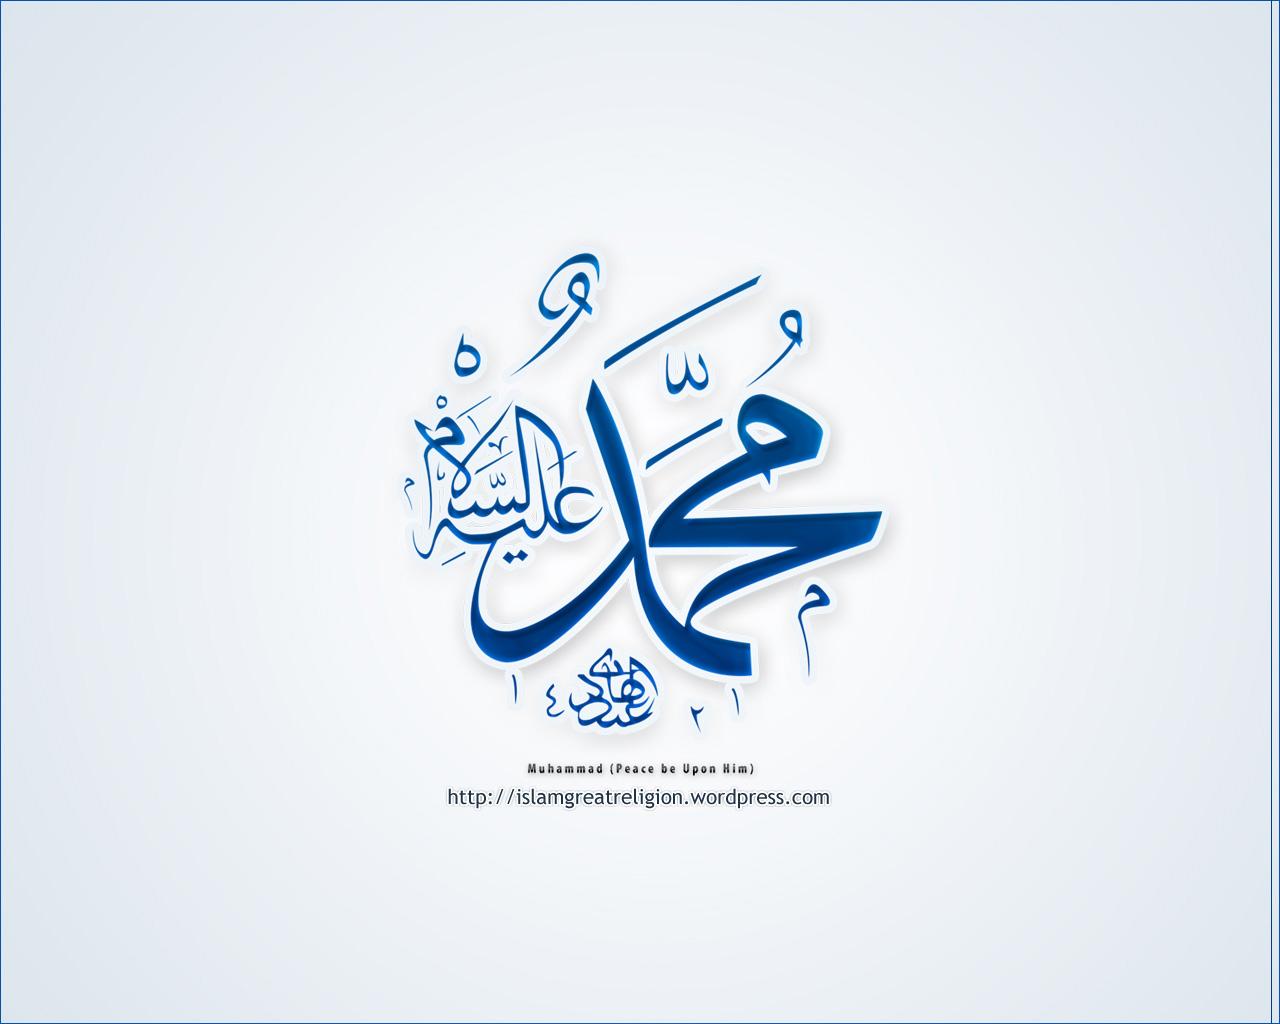 http://2.bp.blogspot.com/-54Oek3aZkeU/TlMoYRi6yLI/AAAAAAAAADg/AB8I5AH3ZG4/s1600/Muhammad+%25286%2529.jpg